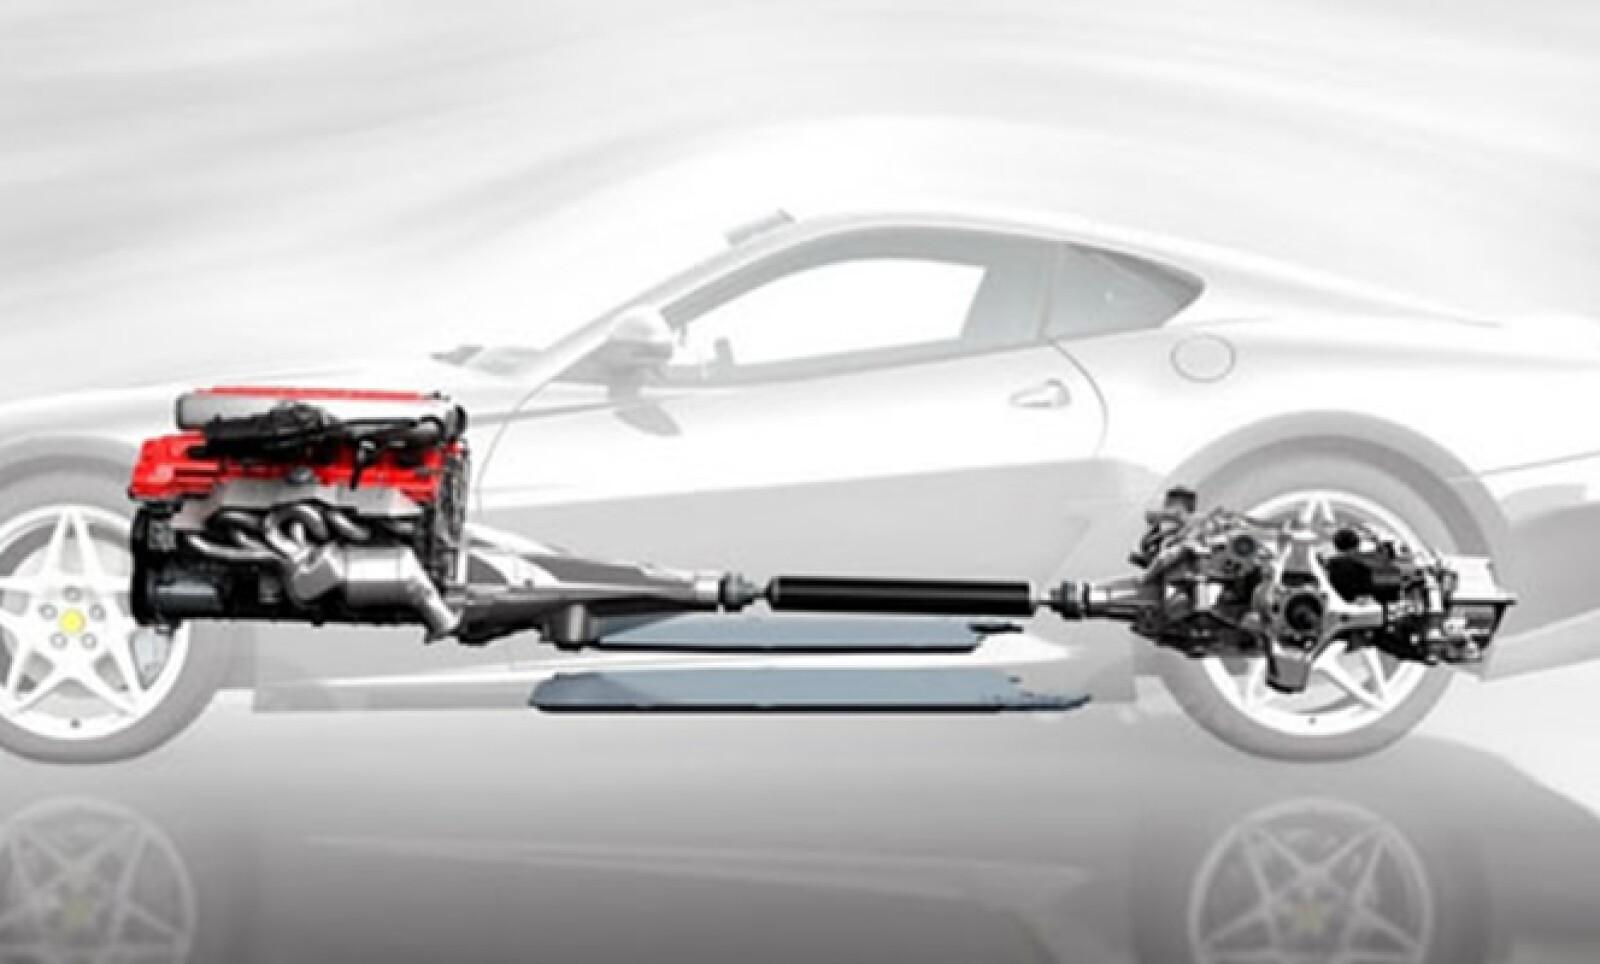 El módulo eléctrico instalado en el 599 GTB Fiorano recibe el nombre de HY-KERS. En él, confluyen un motor compacto y ligero, que pesa 45 kg y de algo más de 100 caballos de fuerza.